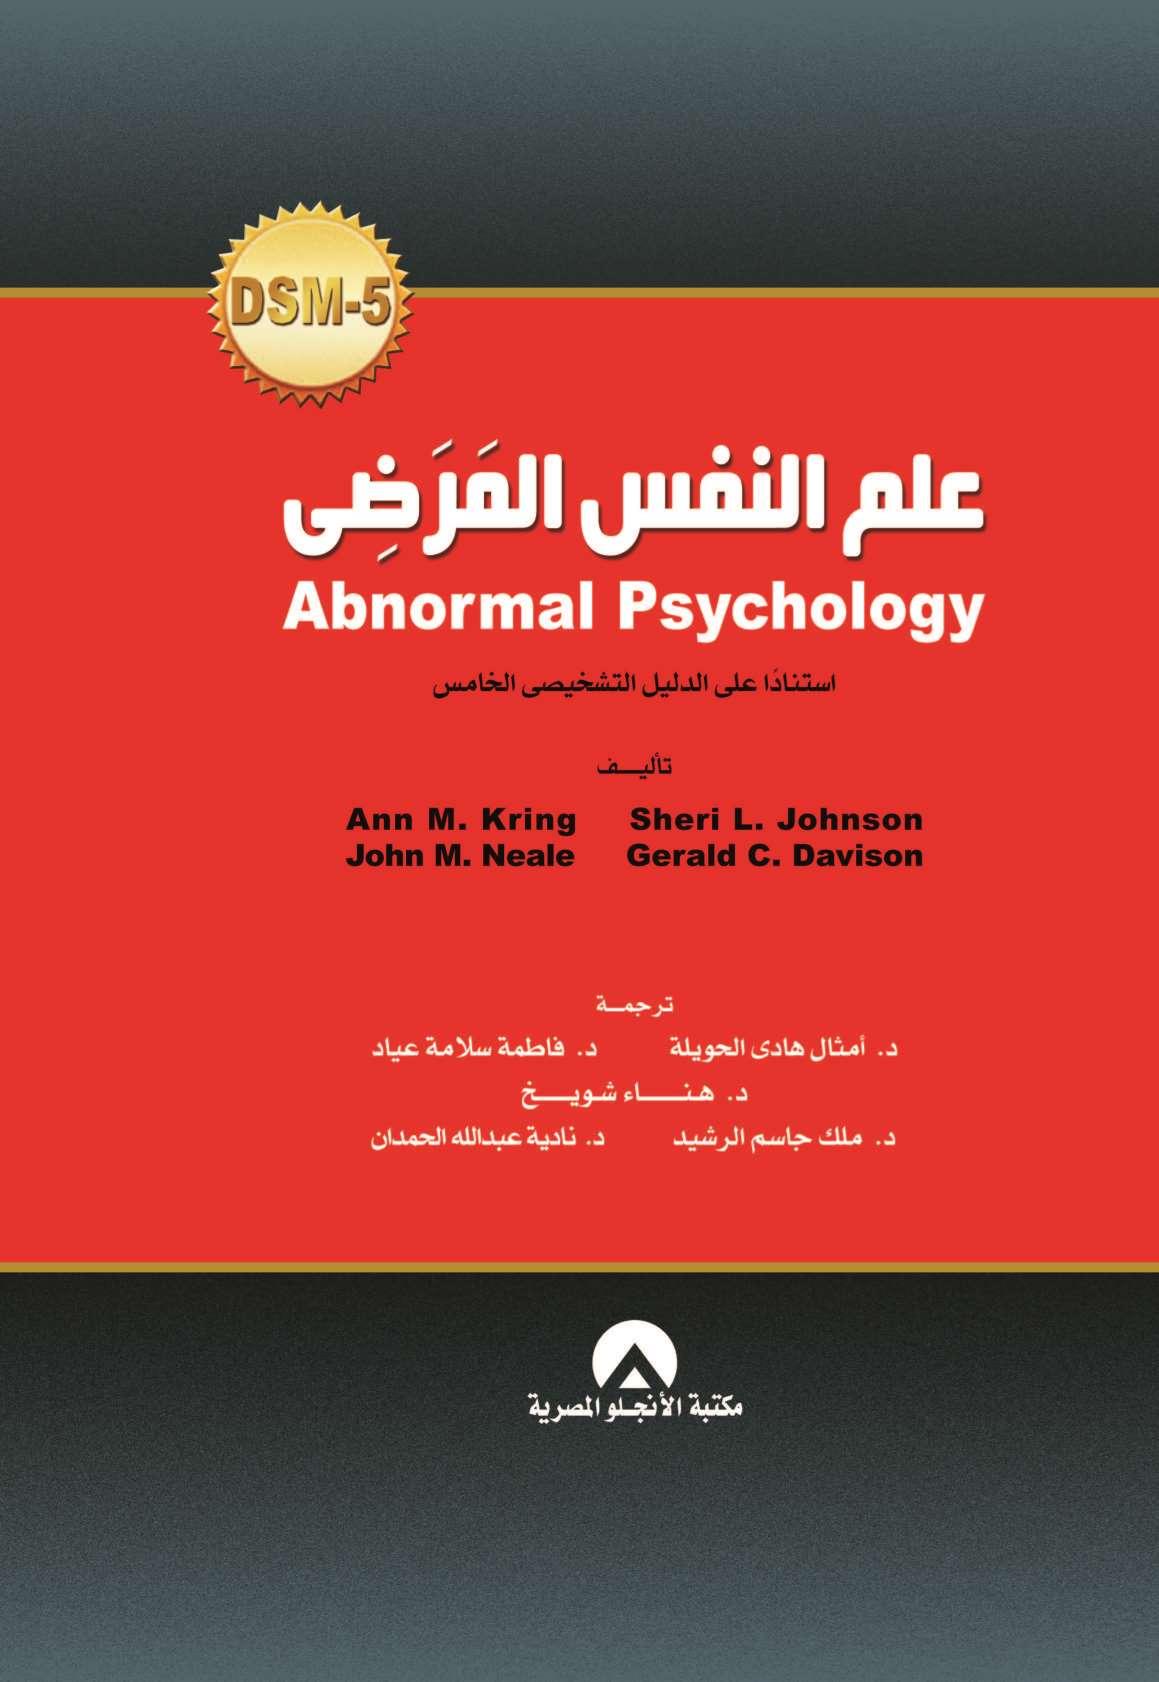 علم النفس المرضي  Ann M. Kring Sheri L. Johnson Gerald C. Davison John M. Neale Aao10